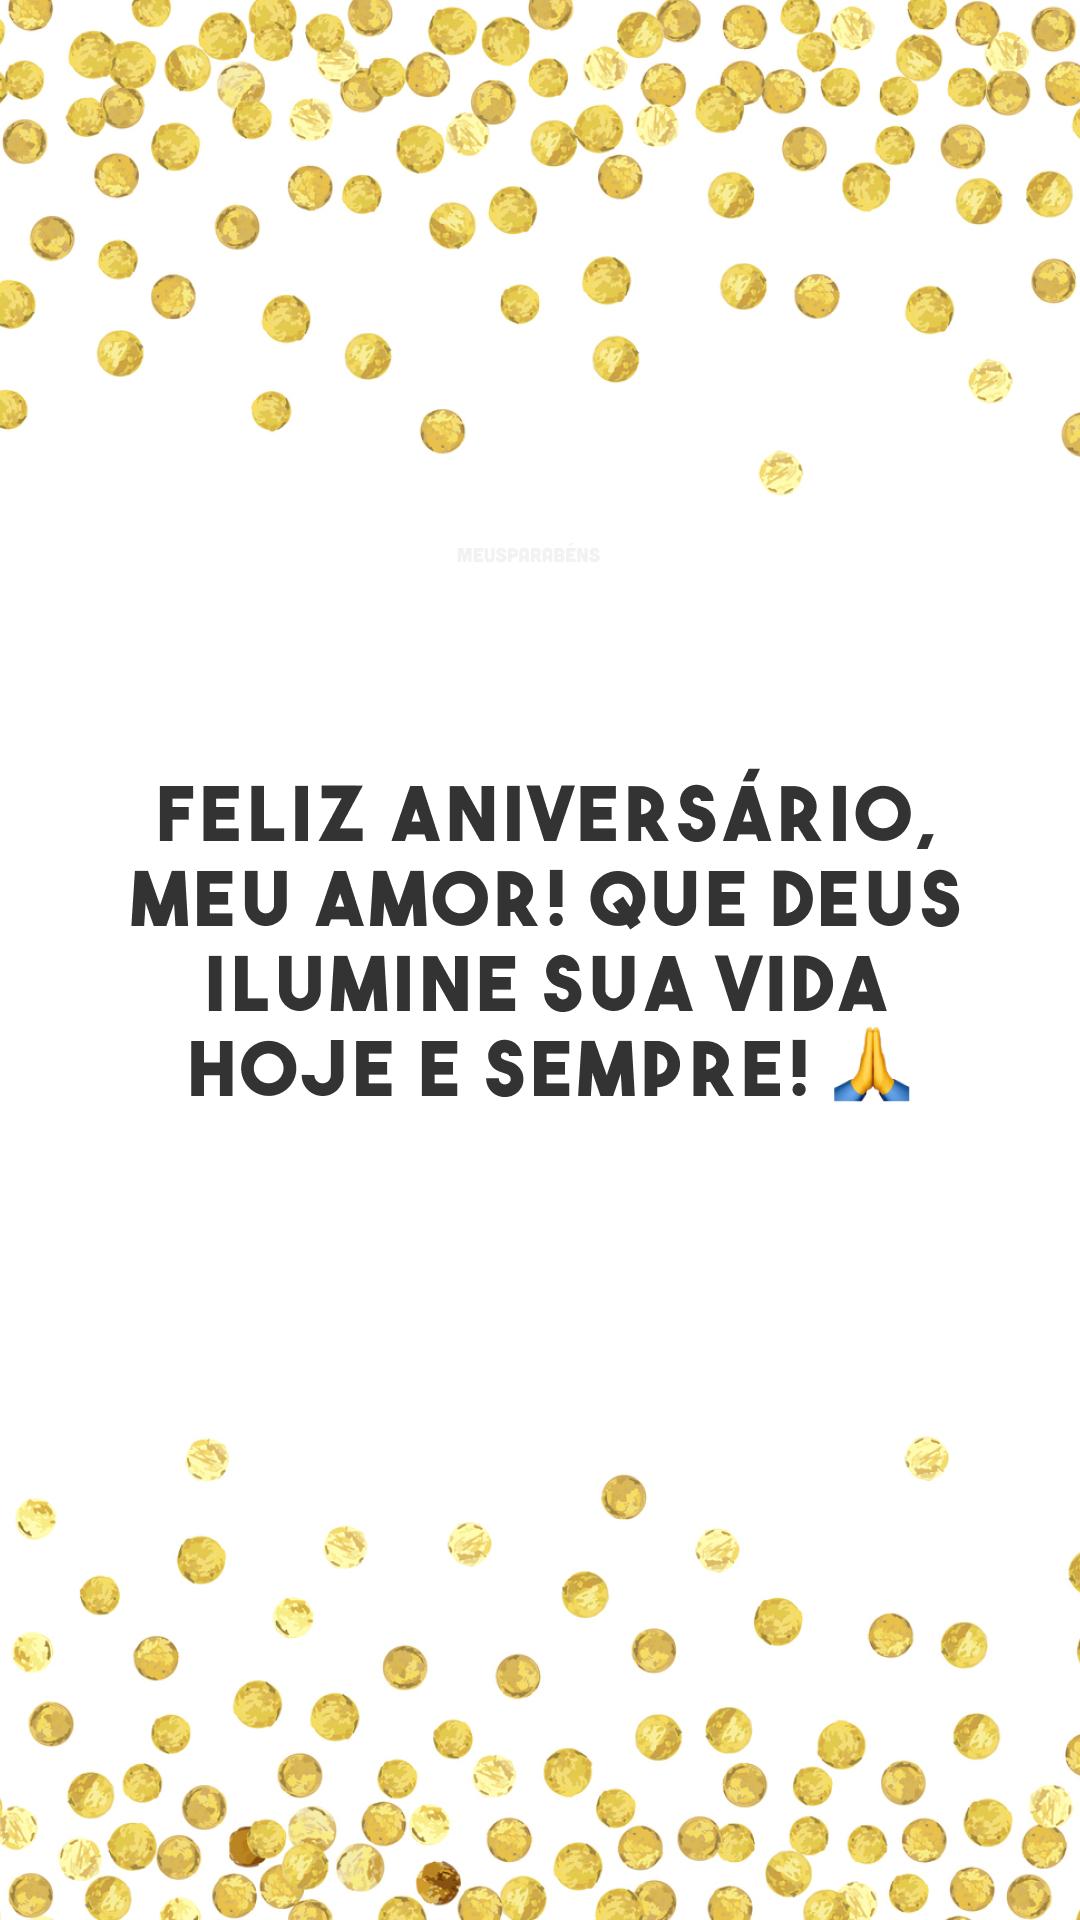 Feliz aniversário, meu amor! Que Deus ilumine sua vida hoje e sempre! 🙏